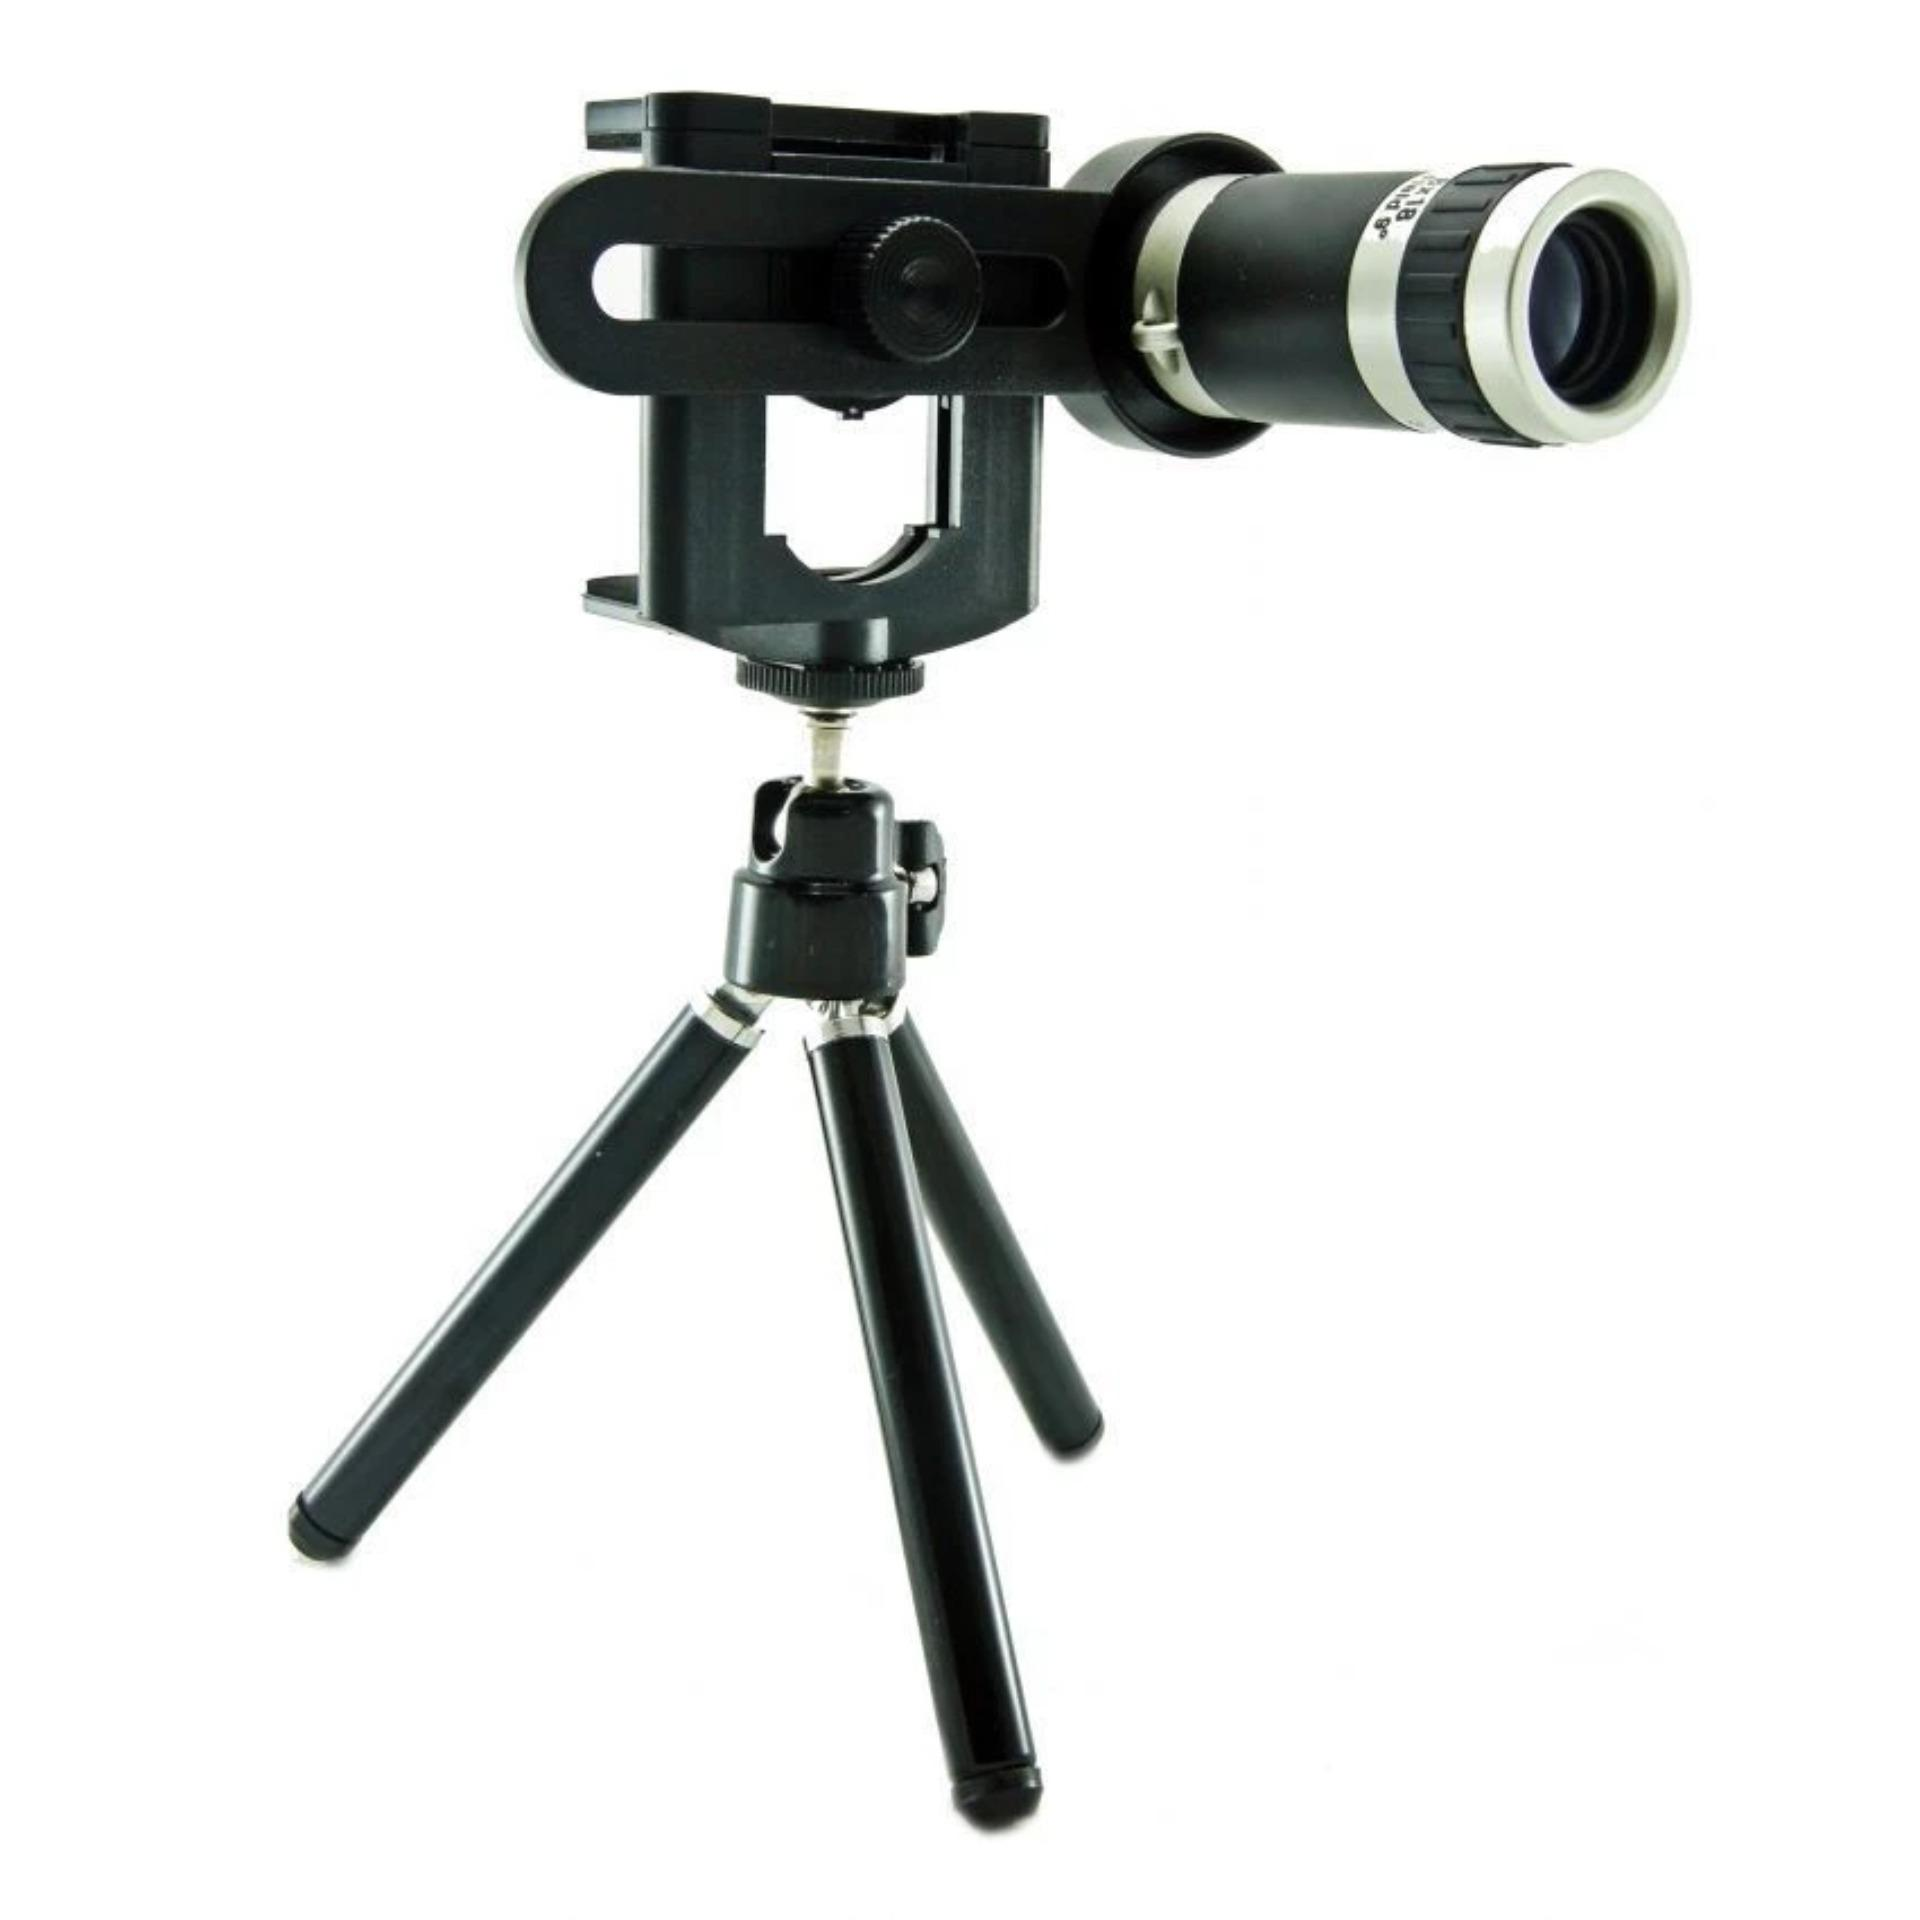 Ống kính đa năng 8x cho điện thoại MobiTele 2 (Đen)